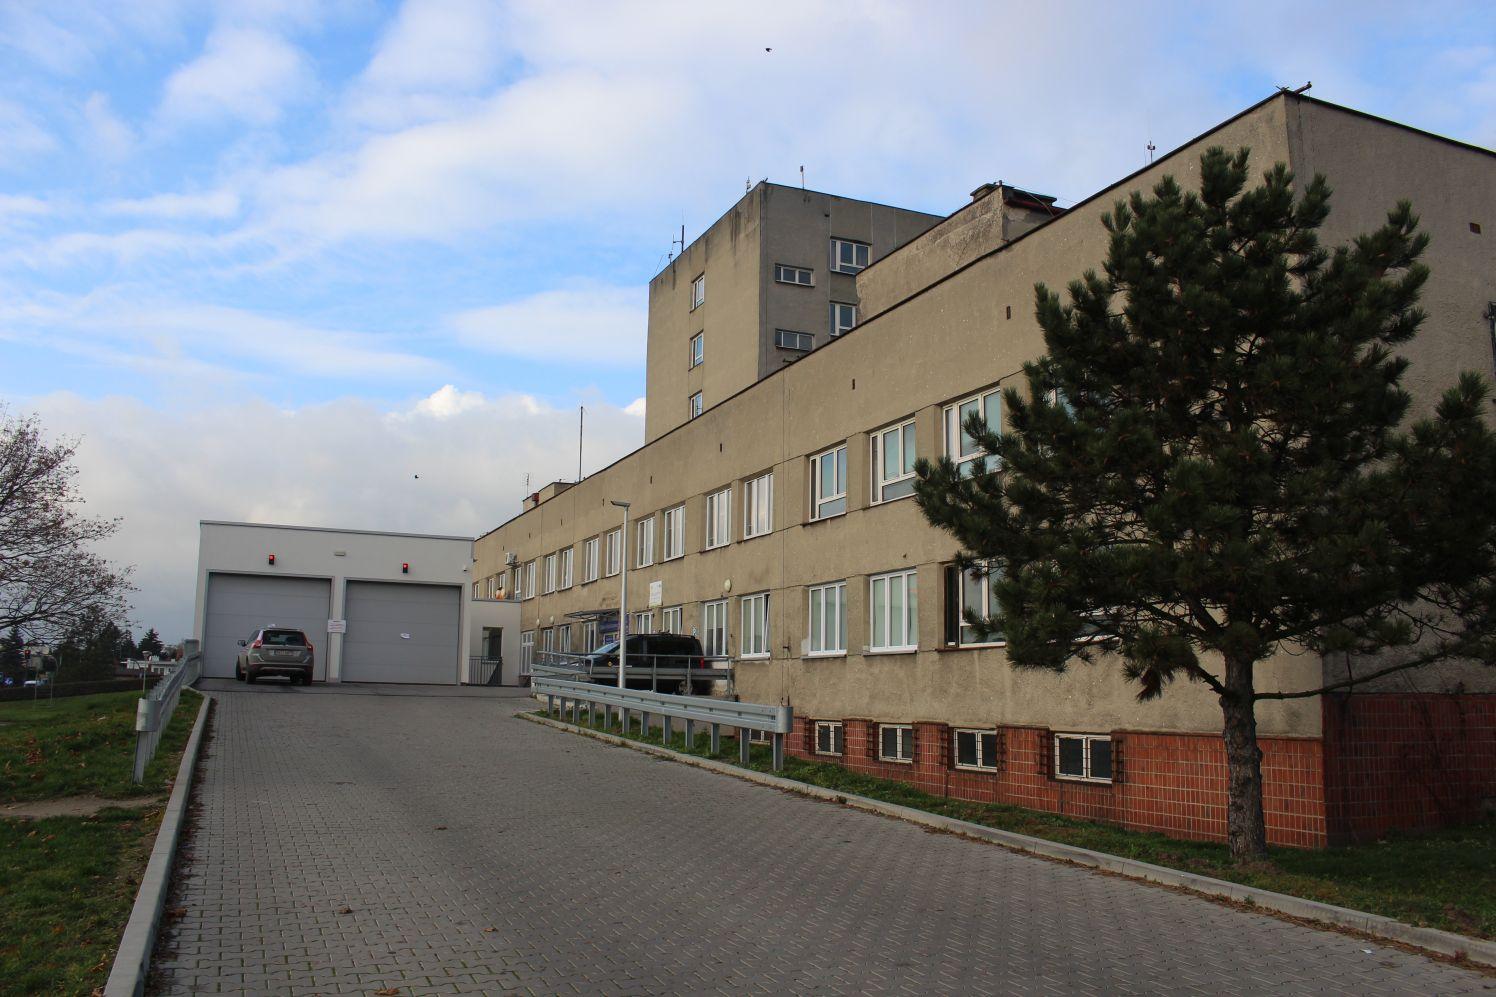 OIOM w kutnowskim szpitalu doczeka się remontu. Pozyskano blisko 7,5 mln zł dofinansowania  - Zdjęcie główne